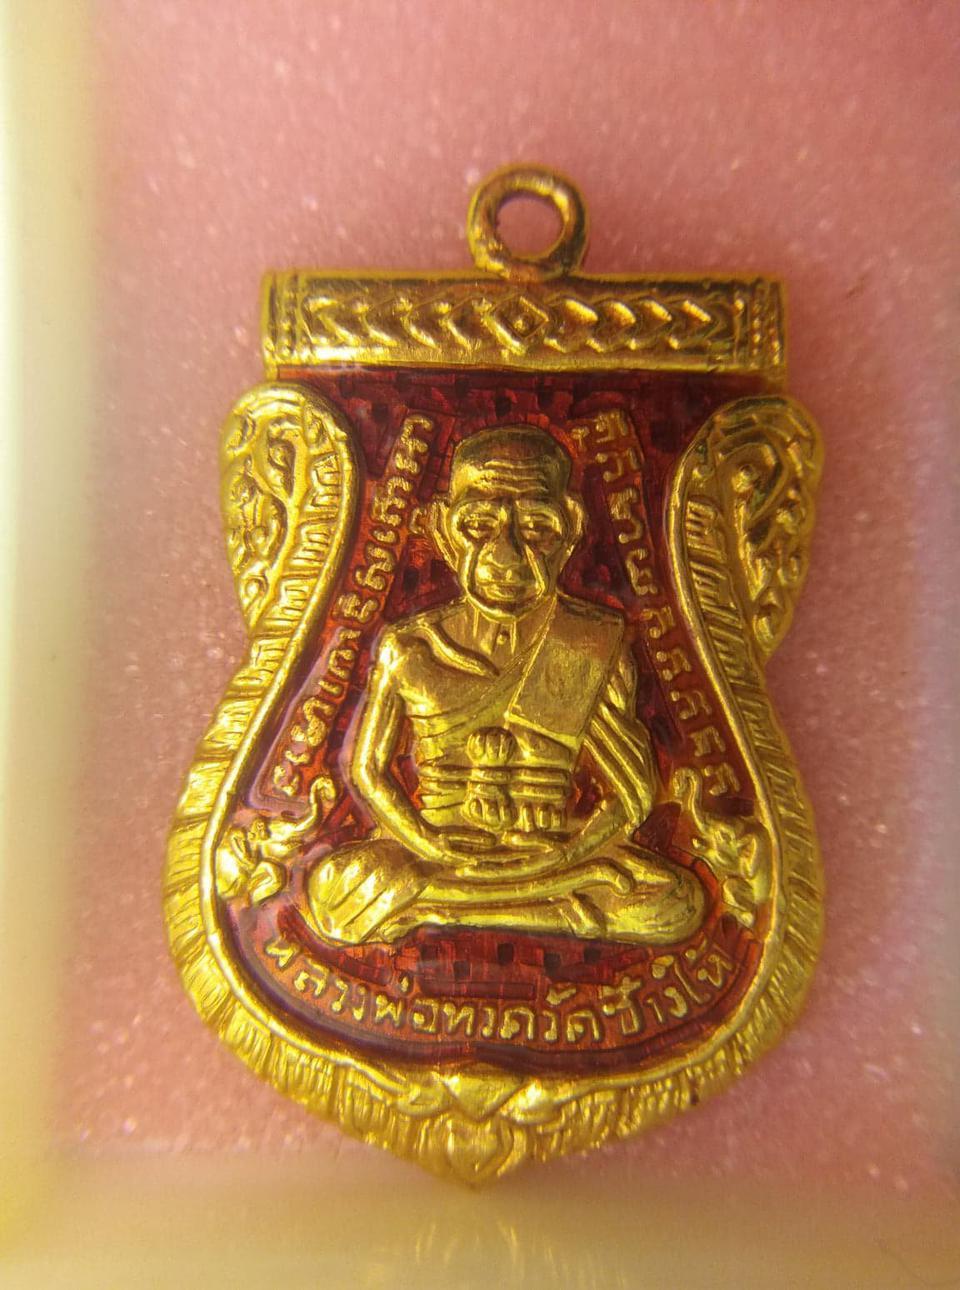 เหรียญลงยาสีแดงวัดช้างให้ปี 04 เนื้อทองคำแท้ สนใจทักมาได้ รูปที่ 5